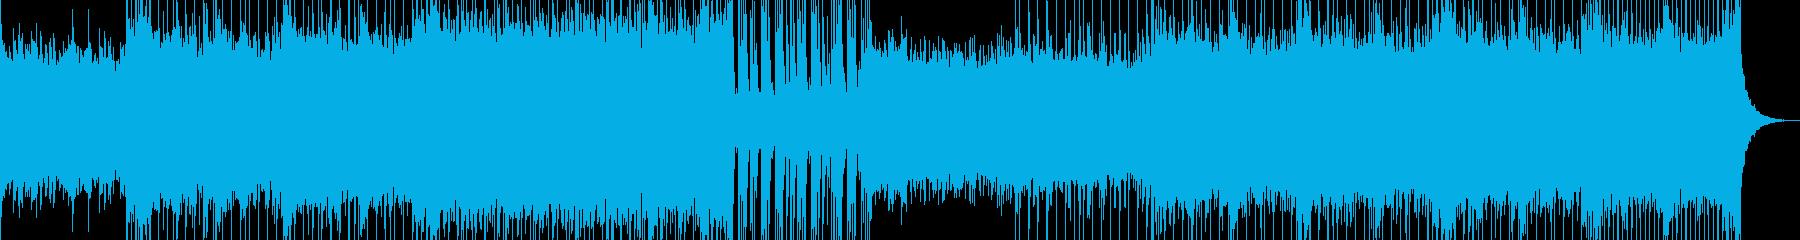 軽快なピアノポップの再生済みの波形